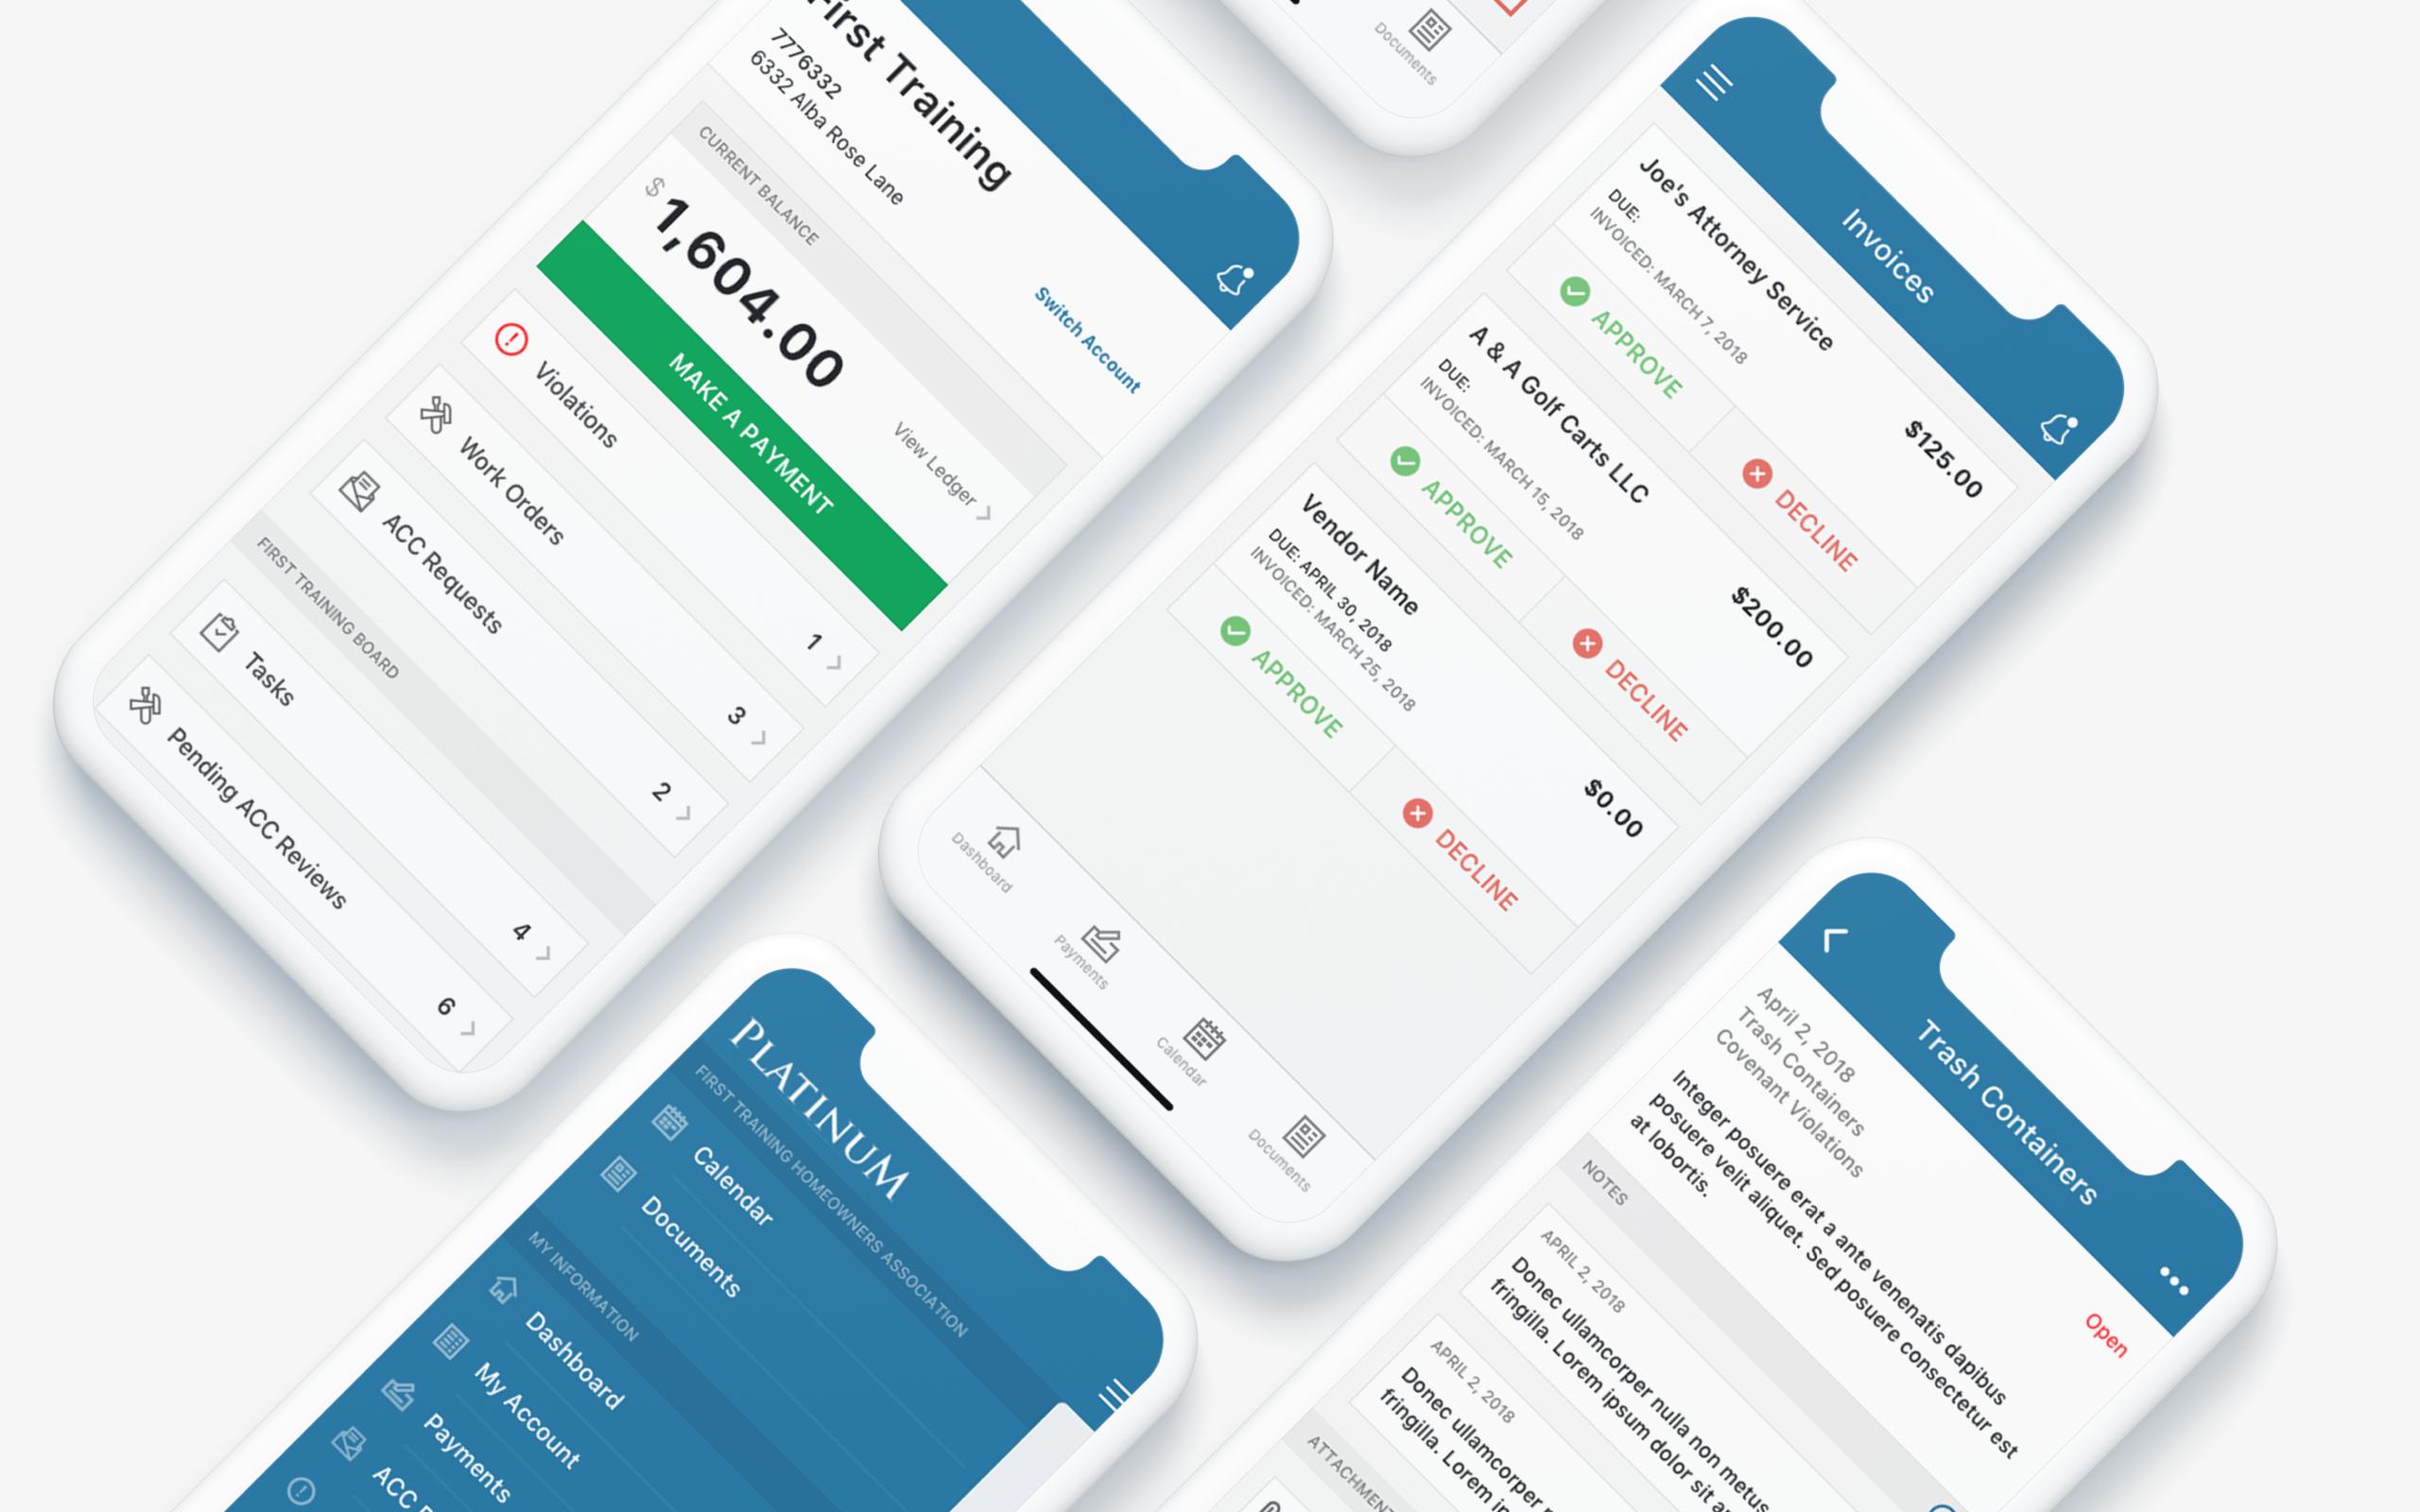 CINC Mobile HOA App